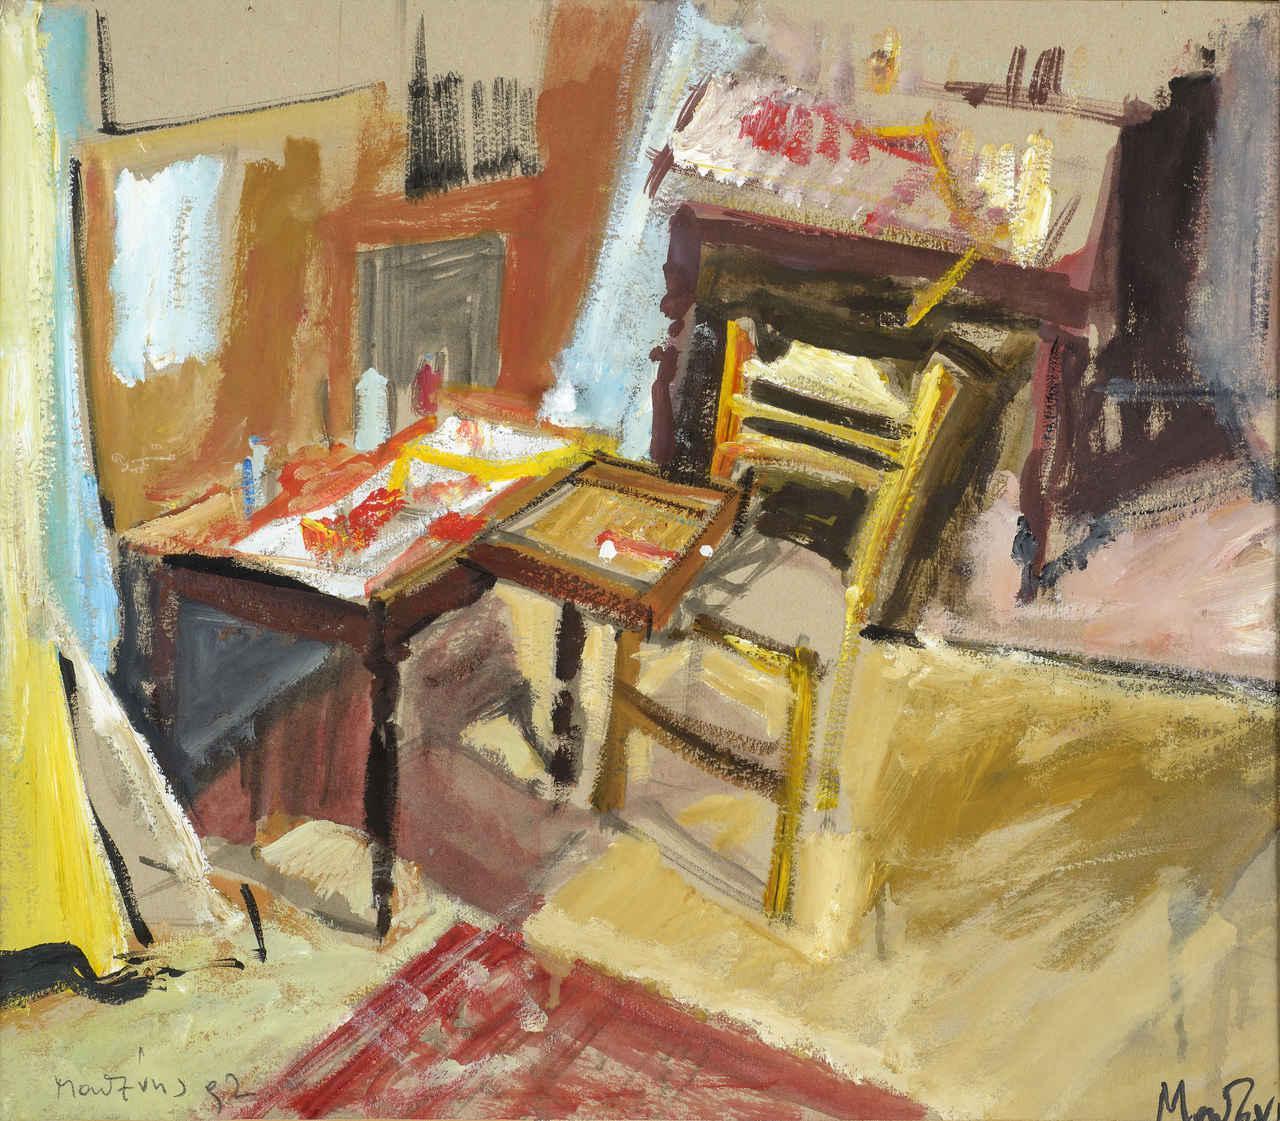 Το εργαστήριο, 1992, λάδι σε χαρτόνι, 39x45 εκ.